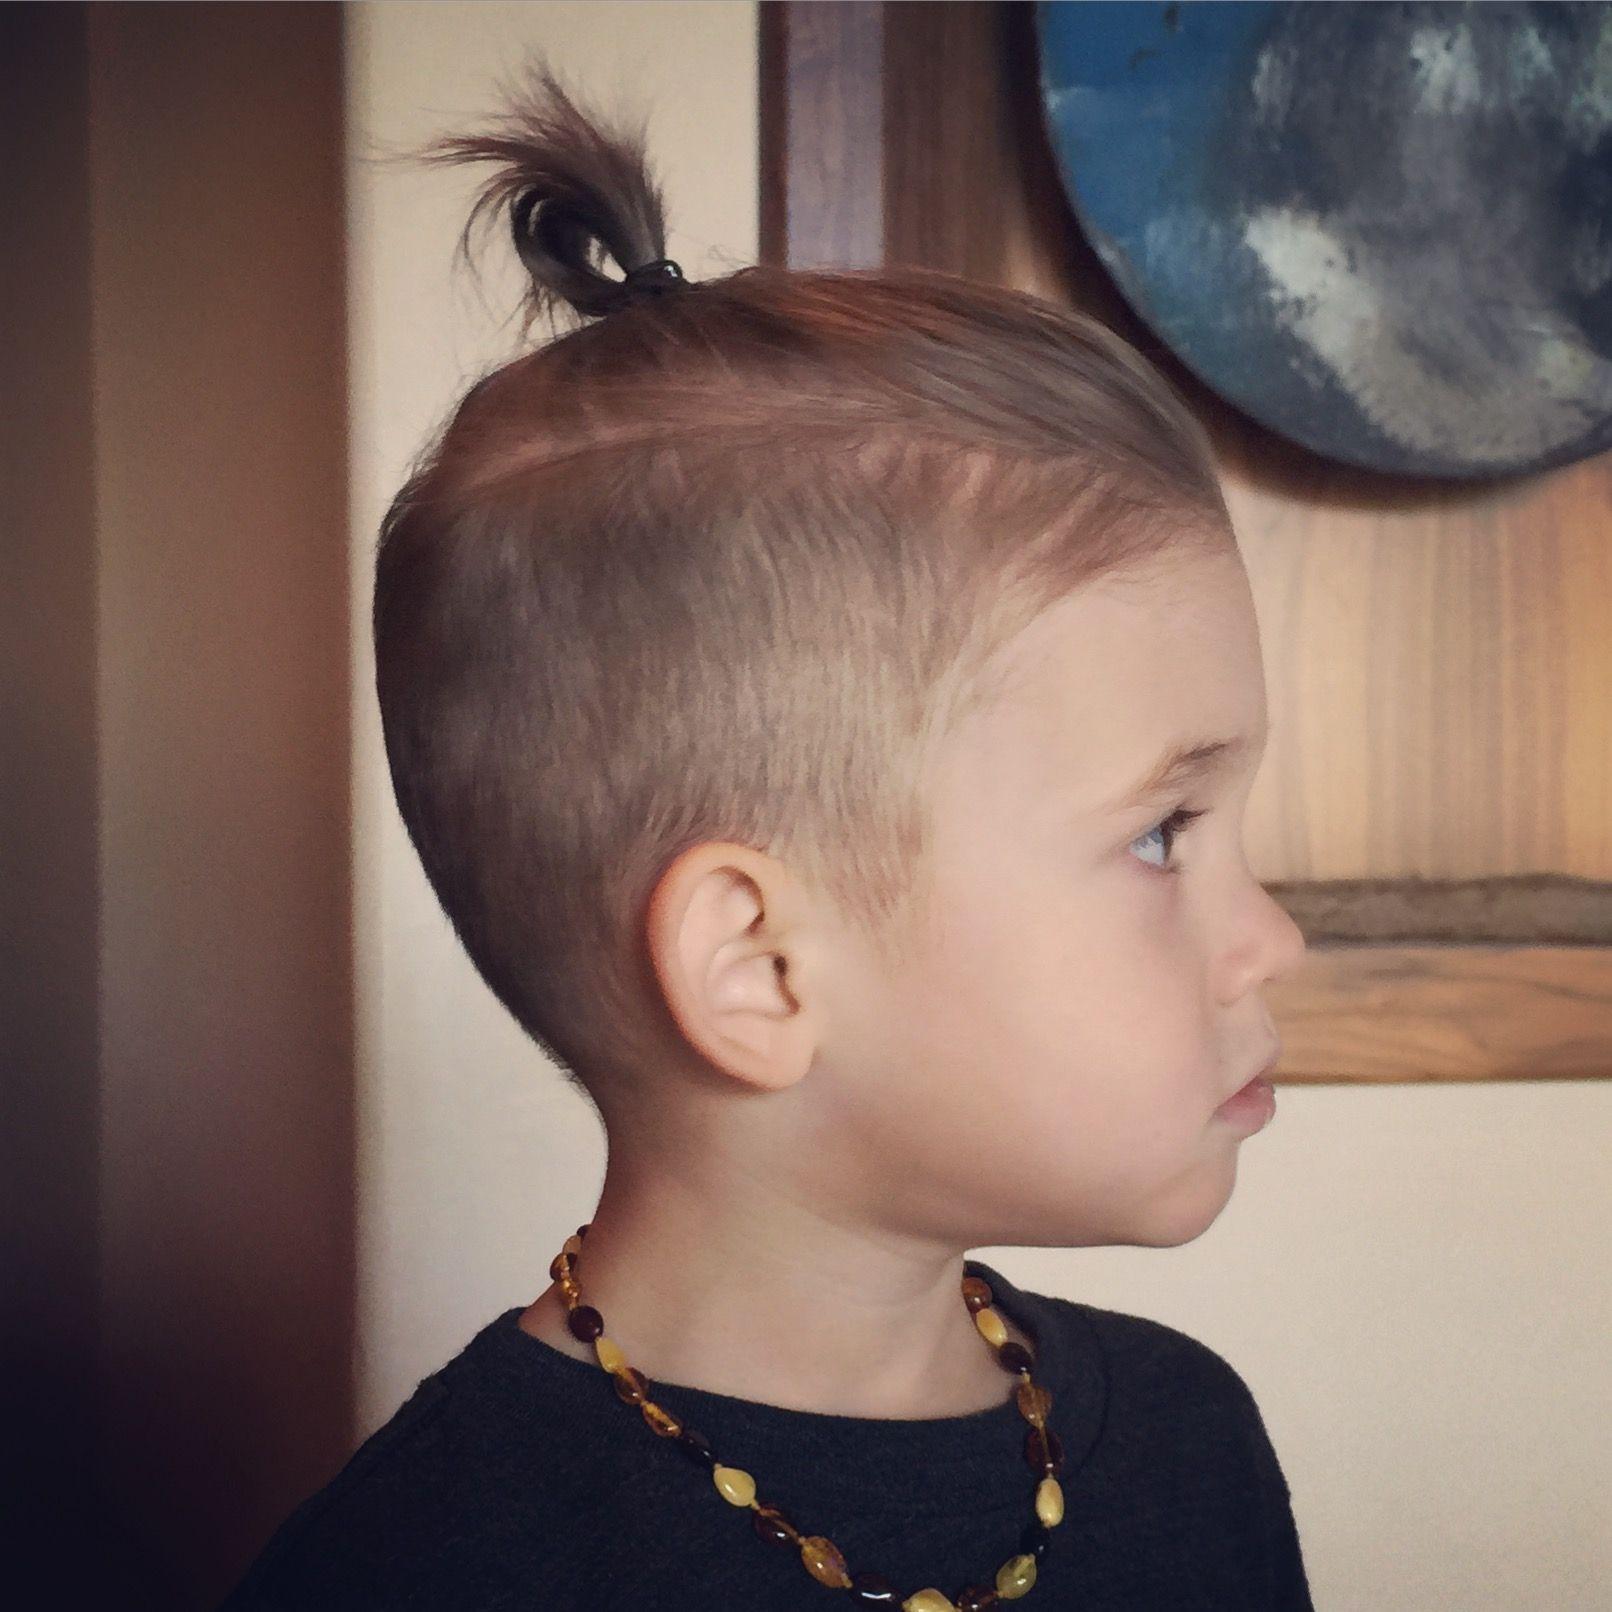 He wants a little man bun so